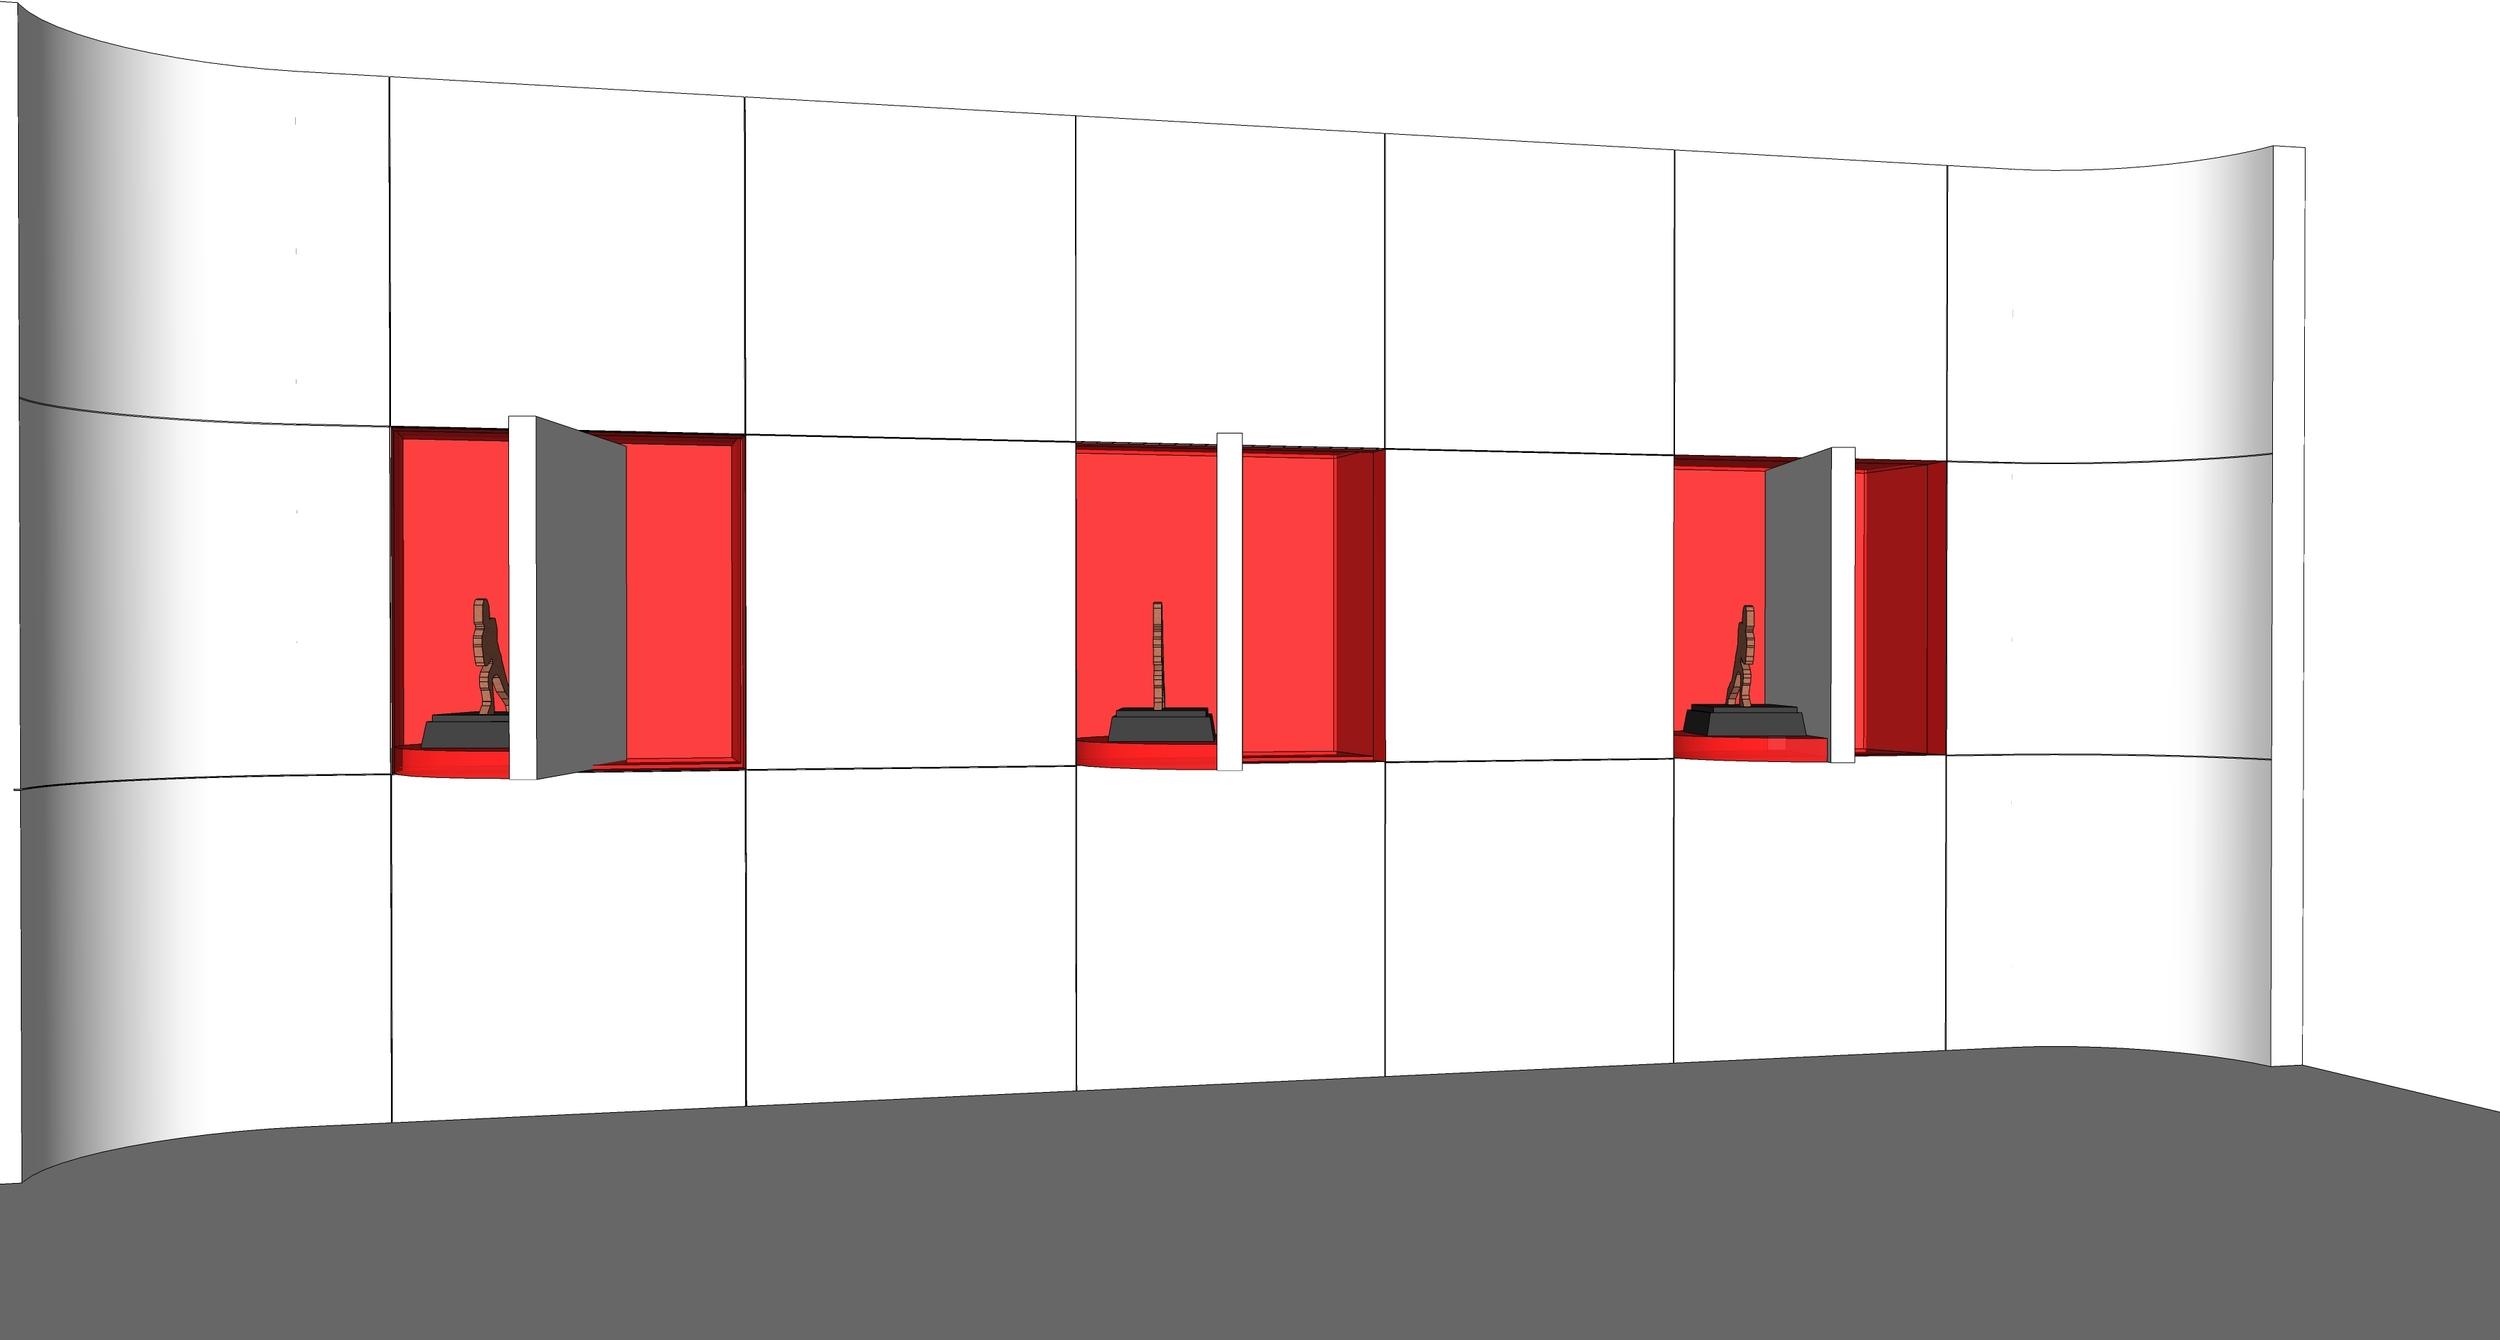 Heisman Display 02.jpg